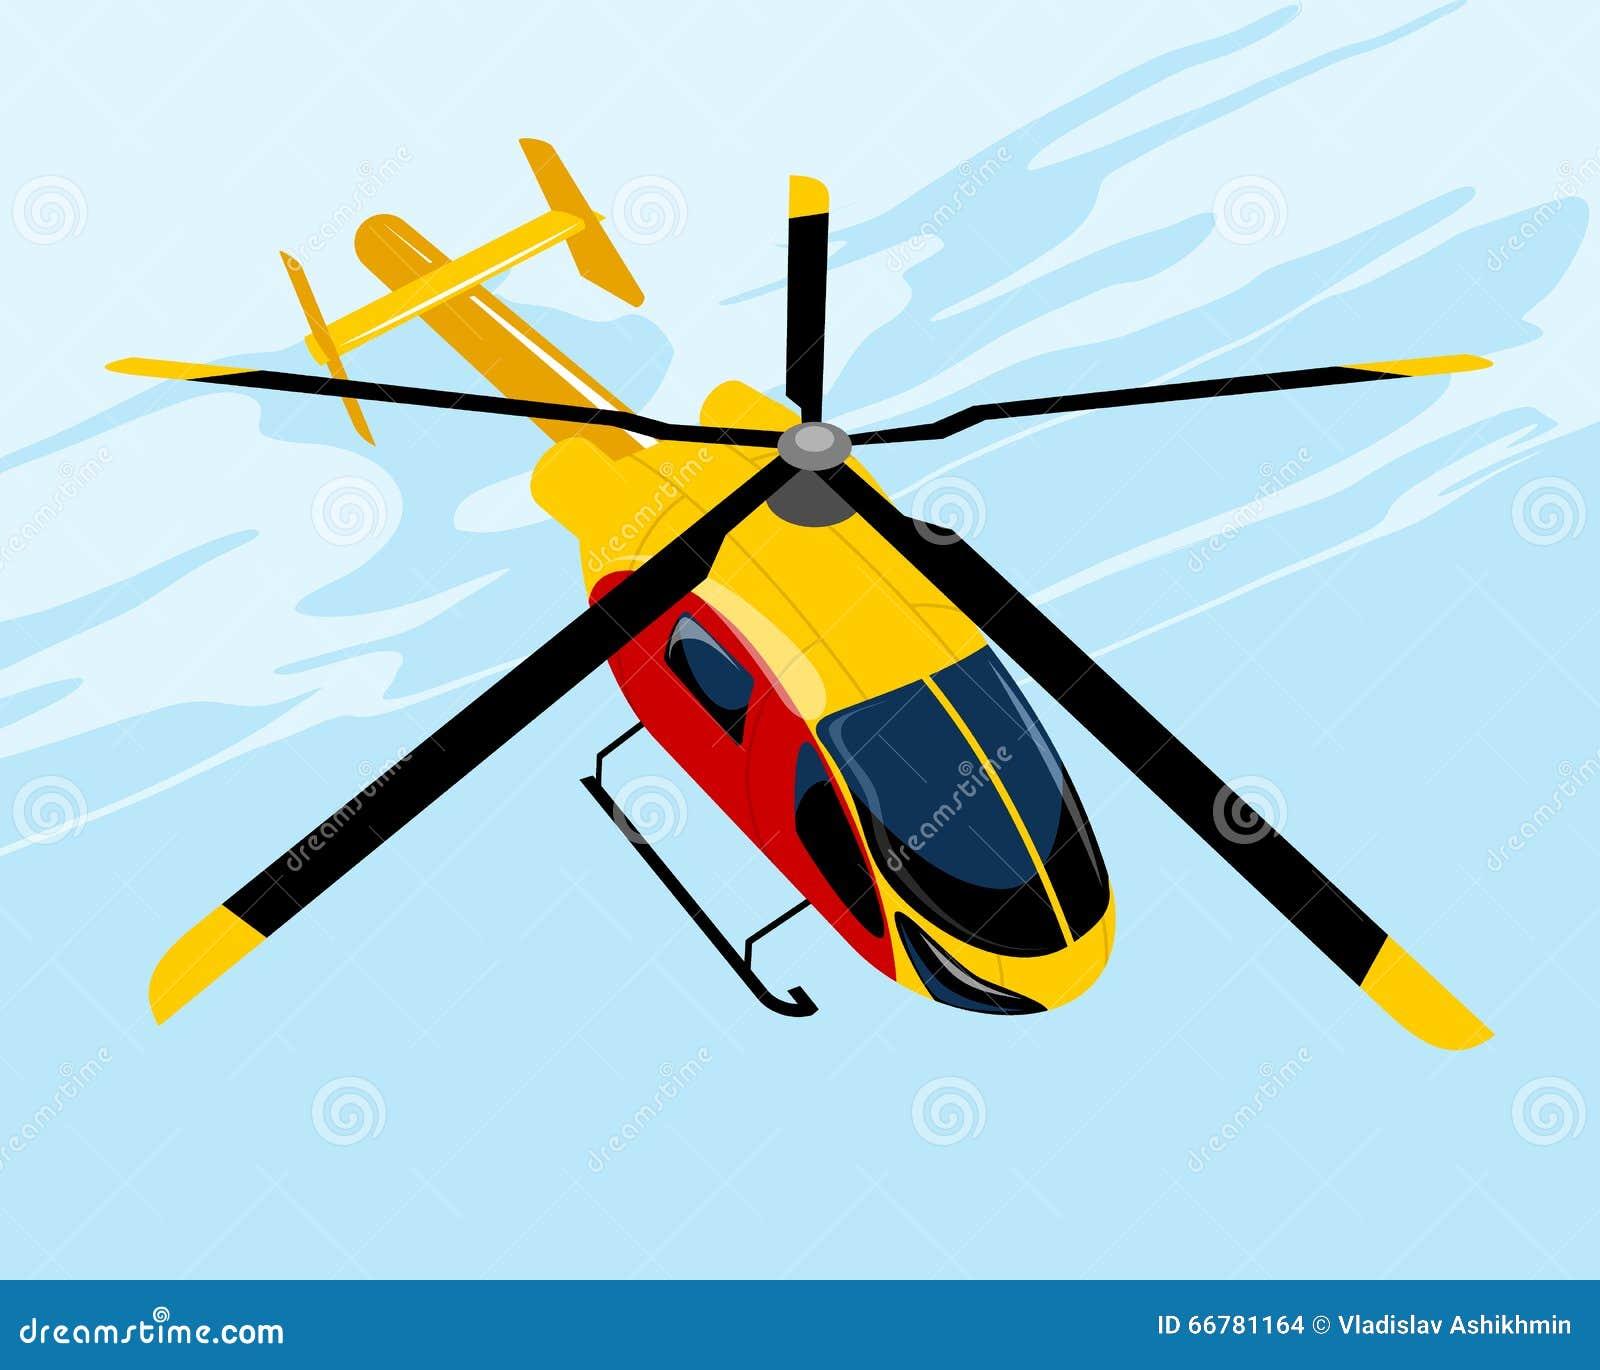 Elicottero Giallo : Elicottero giallo di volo illustrazione vettoriale